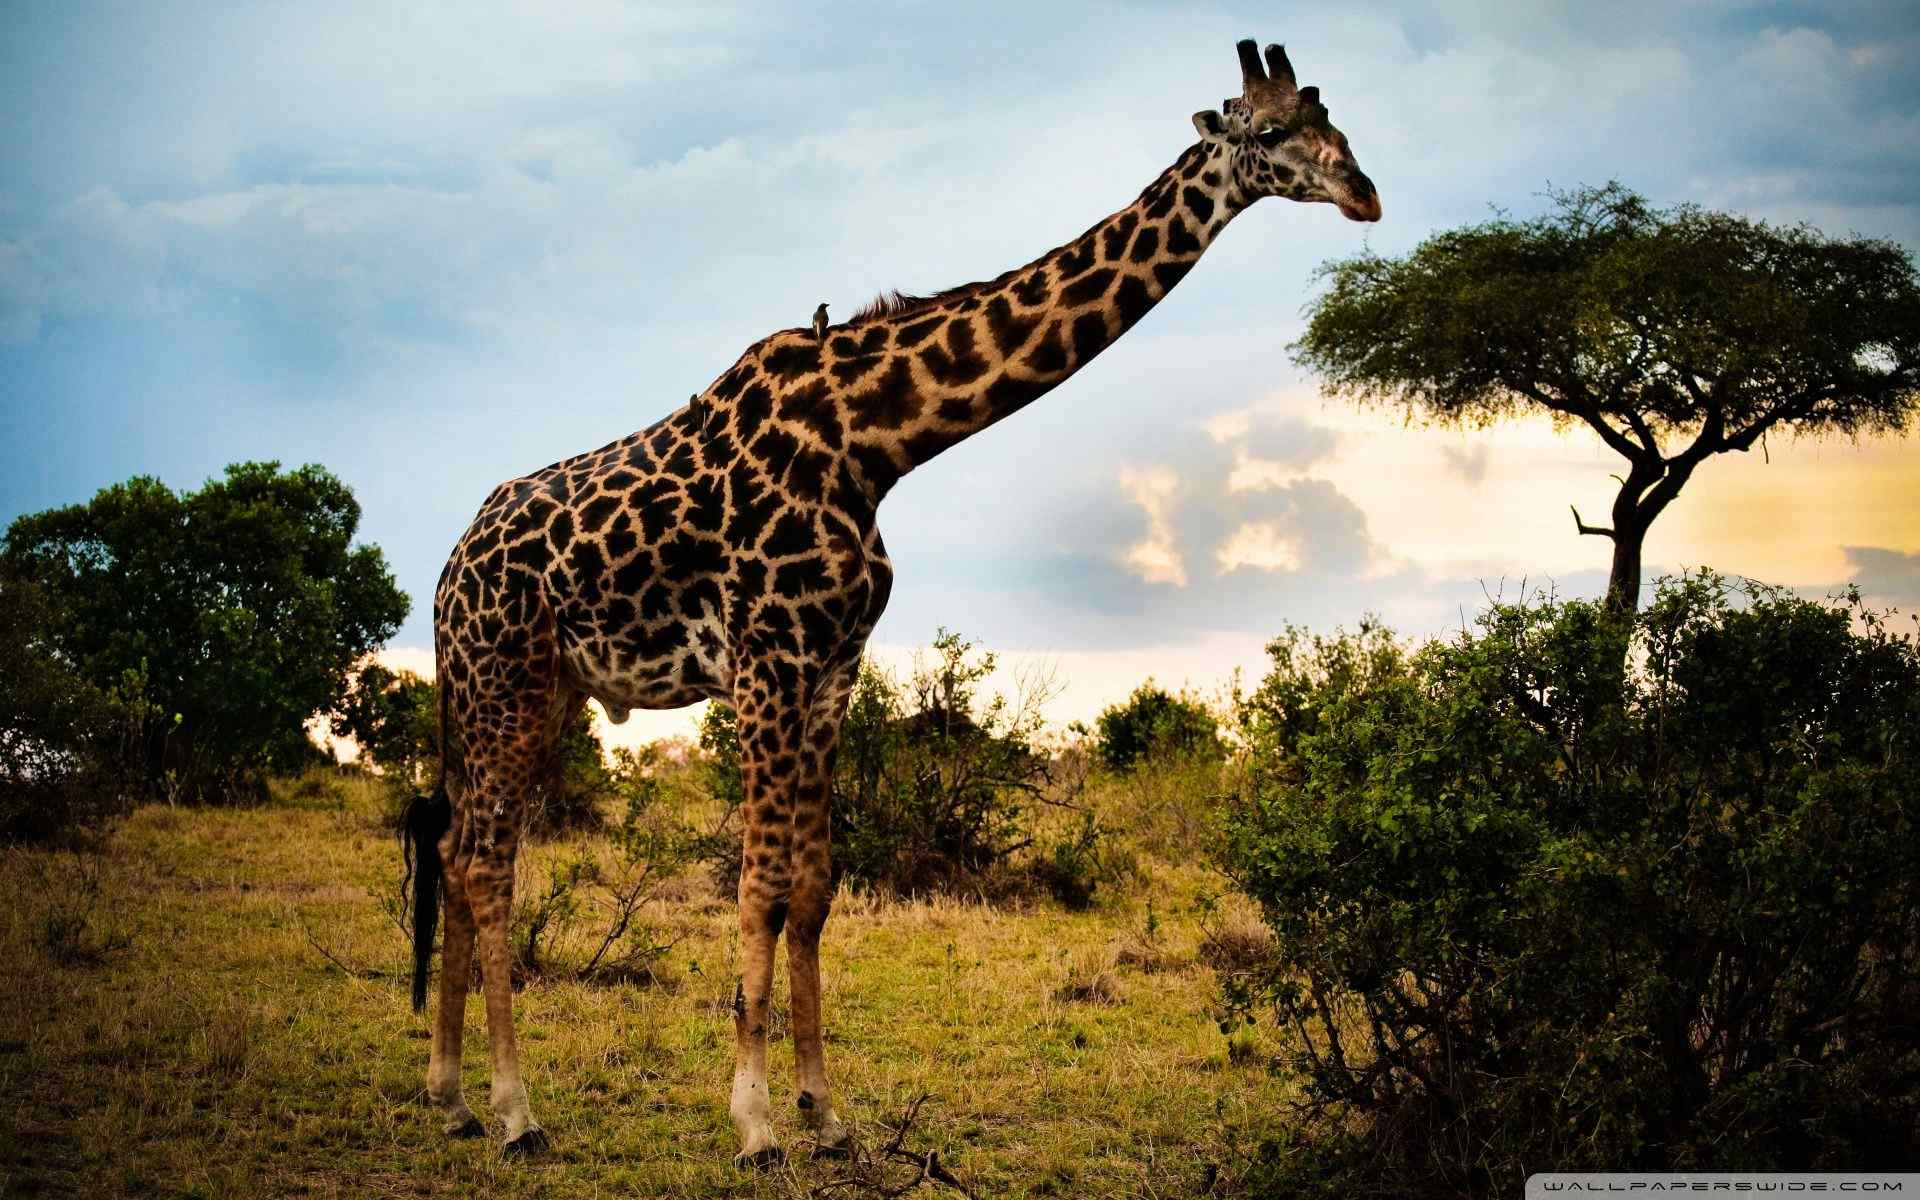 长颈鹿创意特写桌面壁纸 森林动物长颈鹿图片